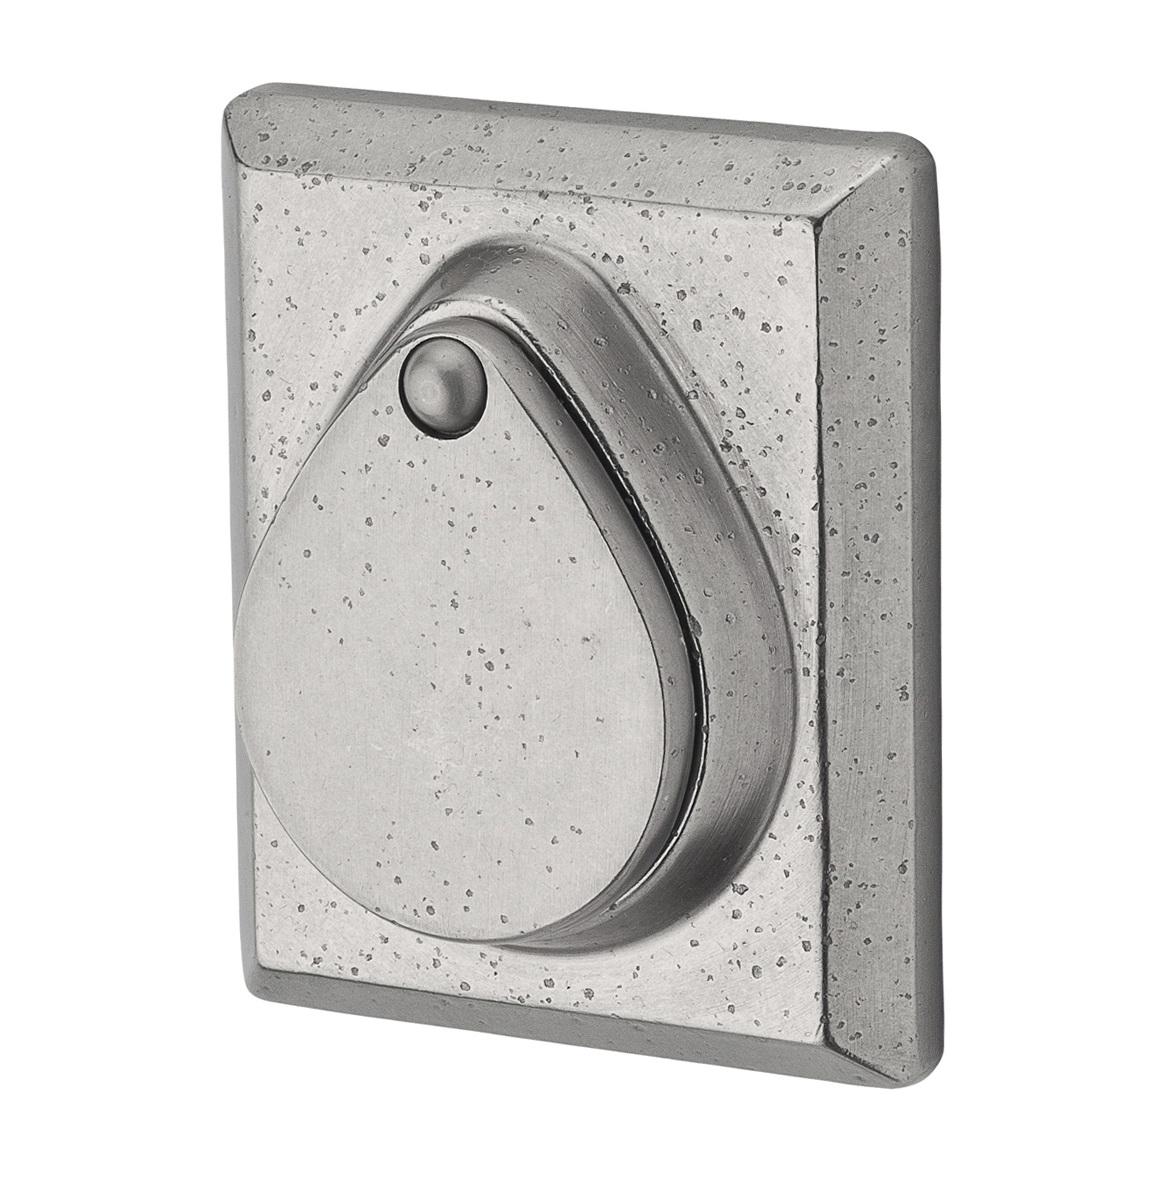 Baldwin Door Hardware Replacement Parts